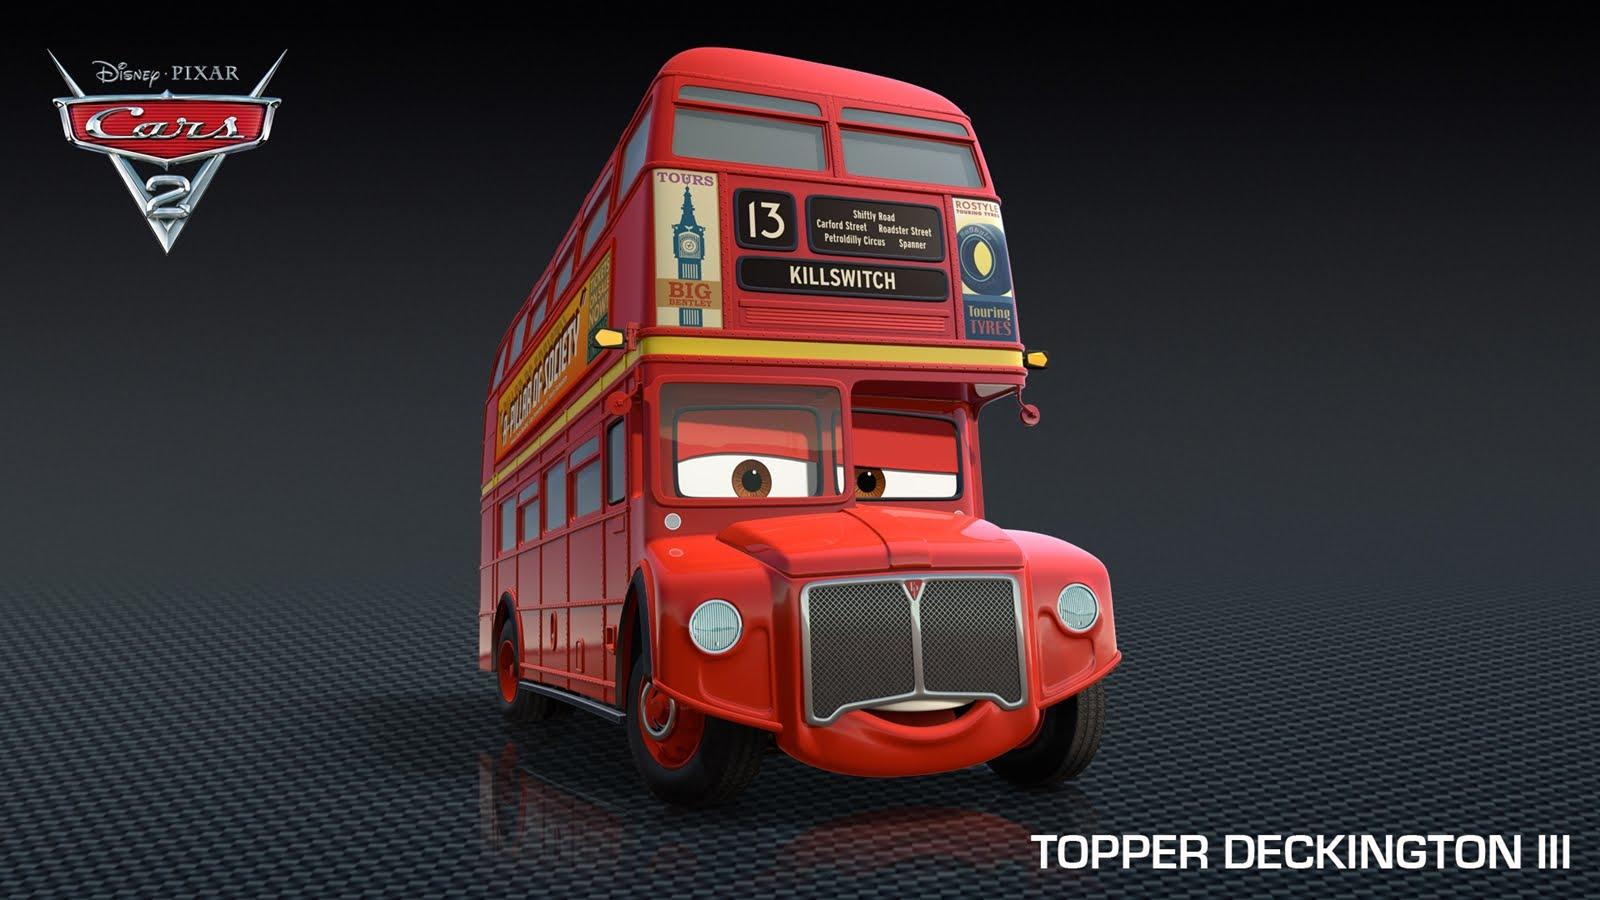 Topper deckington iii será el típico vehículo turistico de dos